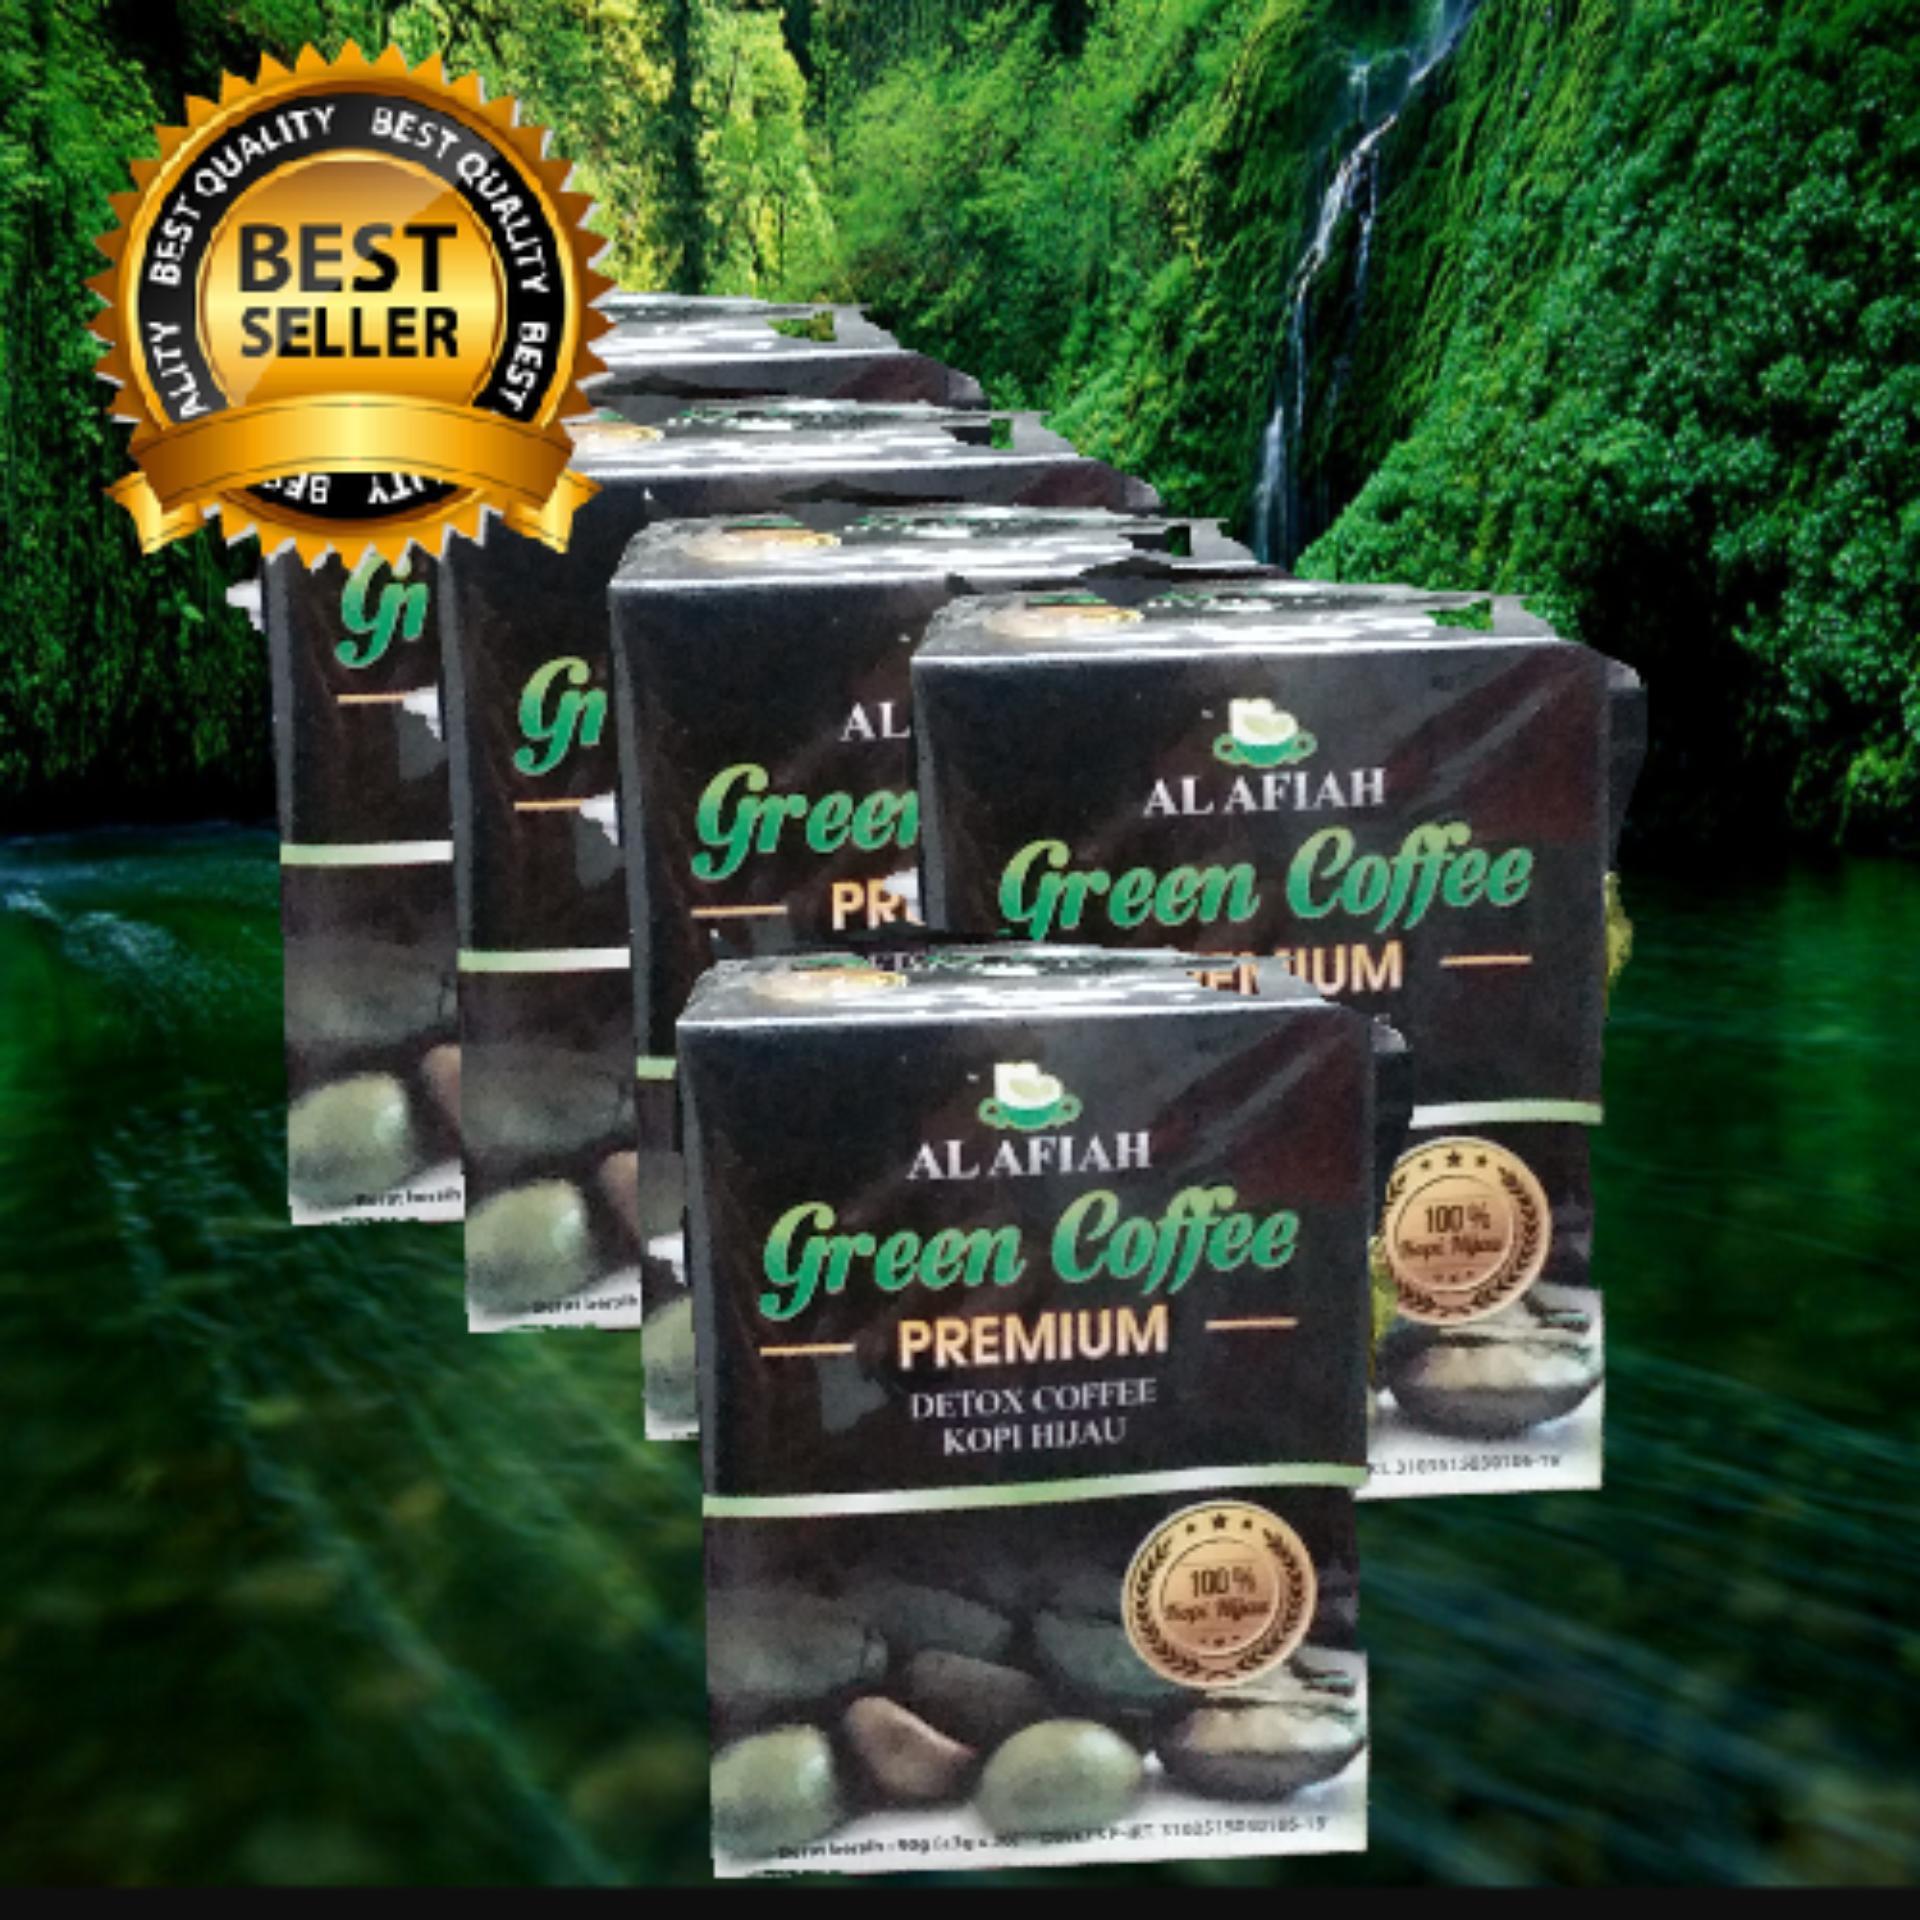 Beli Kopi Hijau Kopi Pelangsing Kopi Hijau Premium Celup Green Coofee Celup Dengan Kartu Kredit